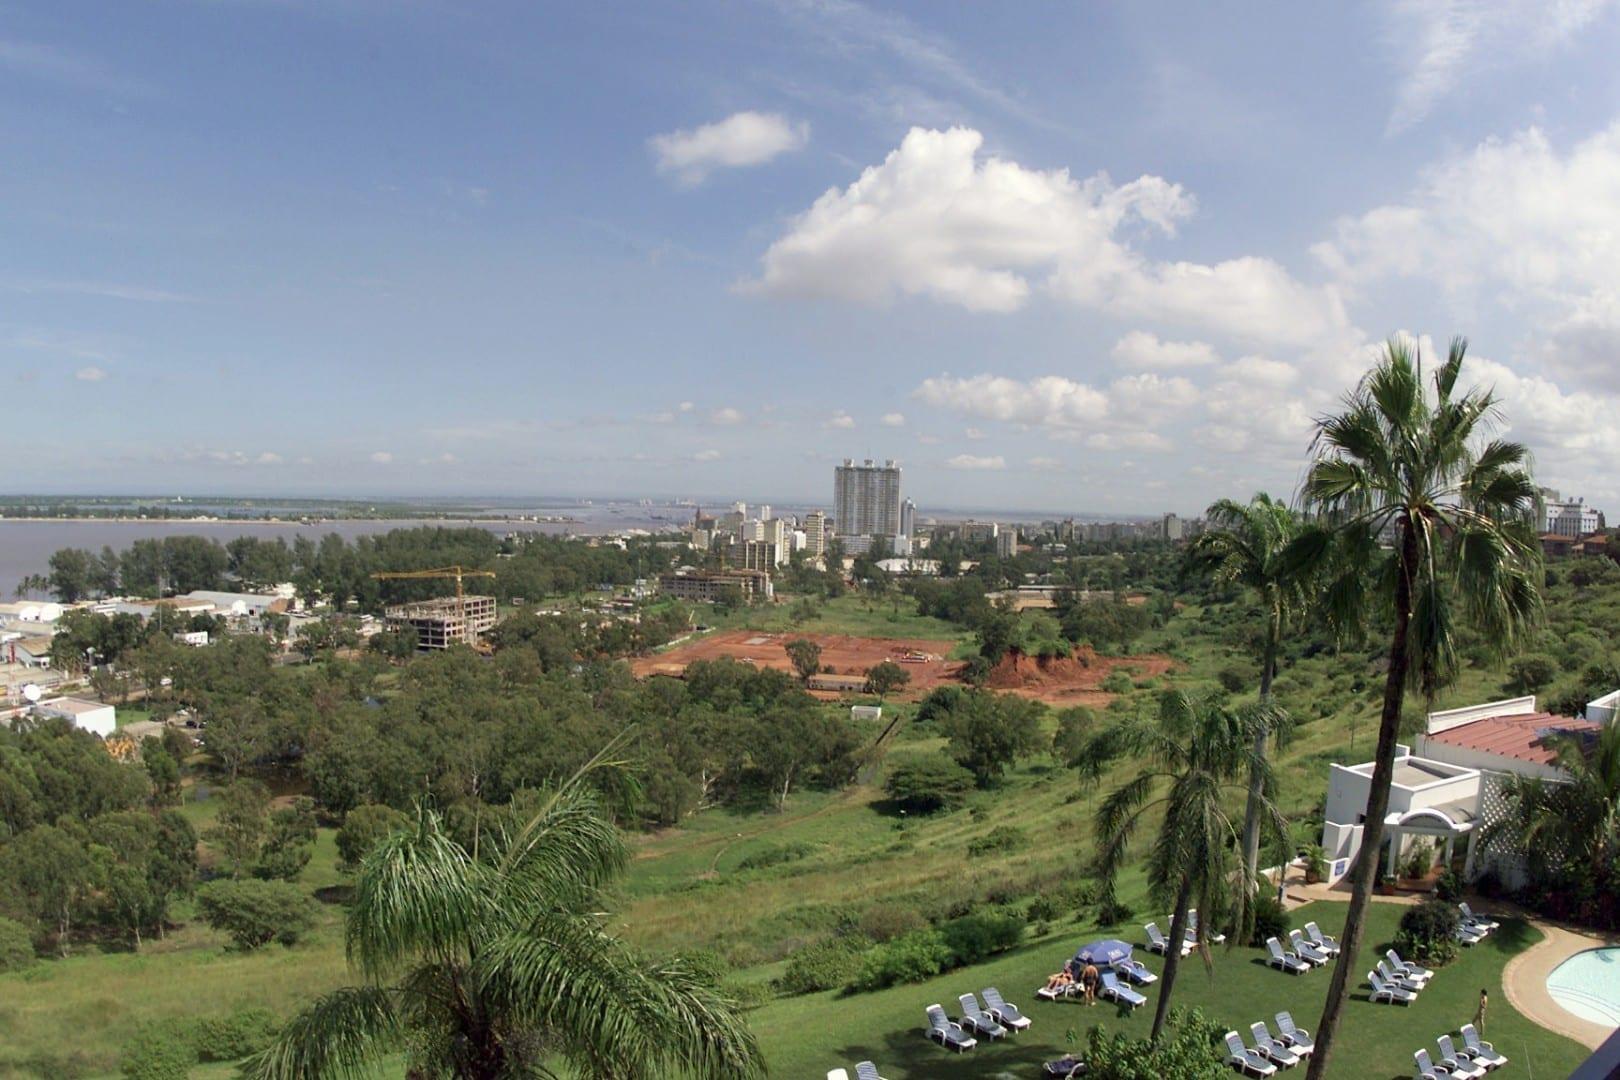 Vista de la bahía de Maputo Maputo Mozambique